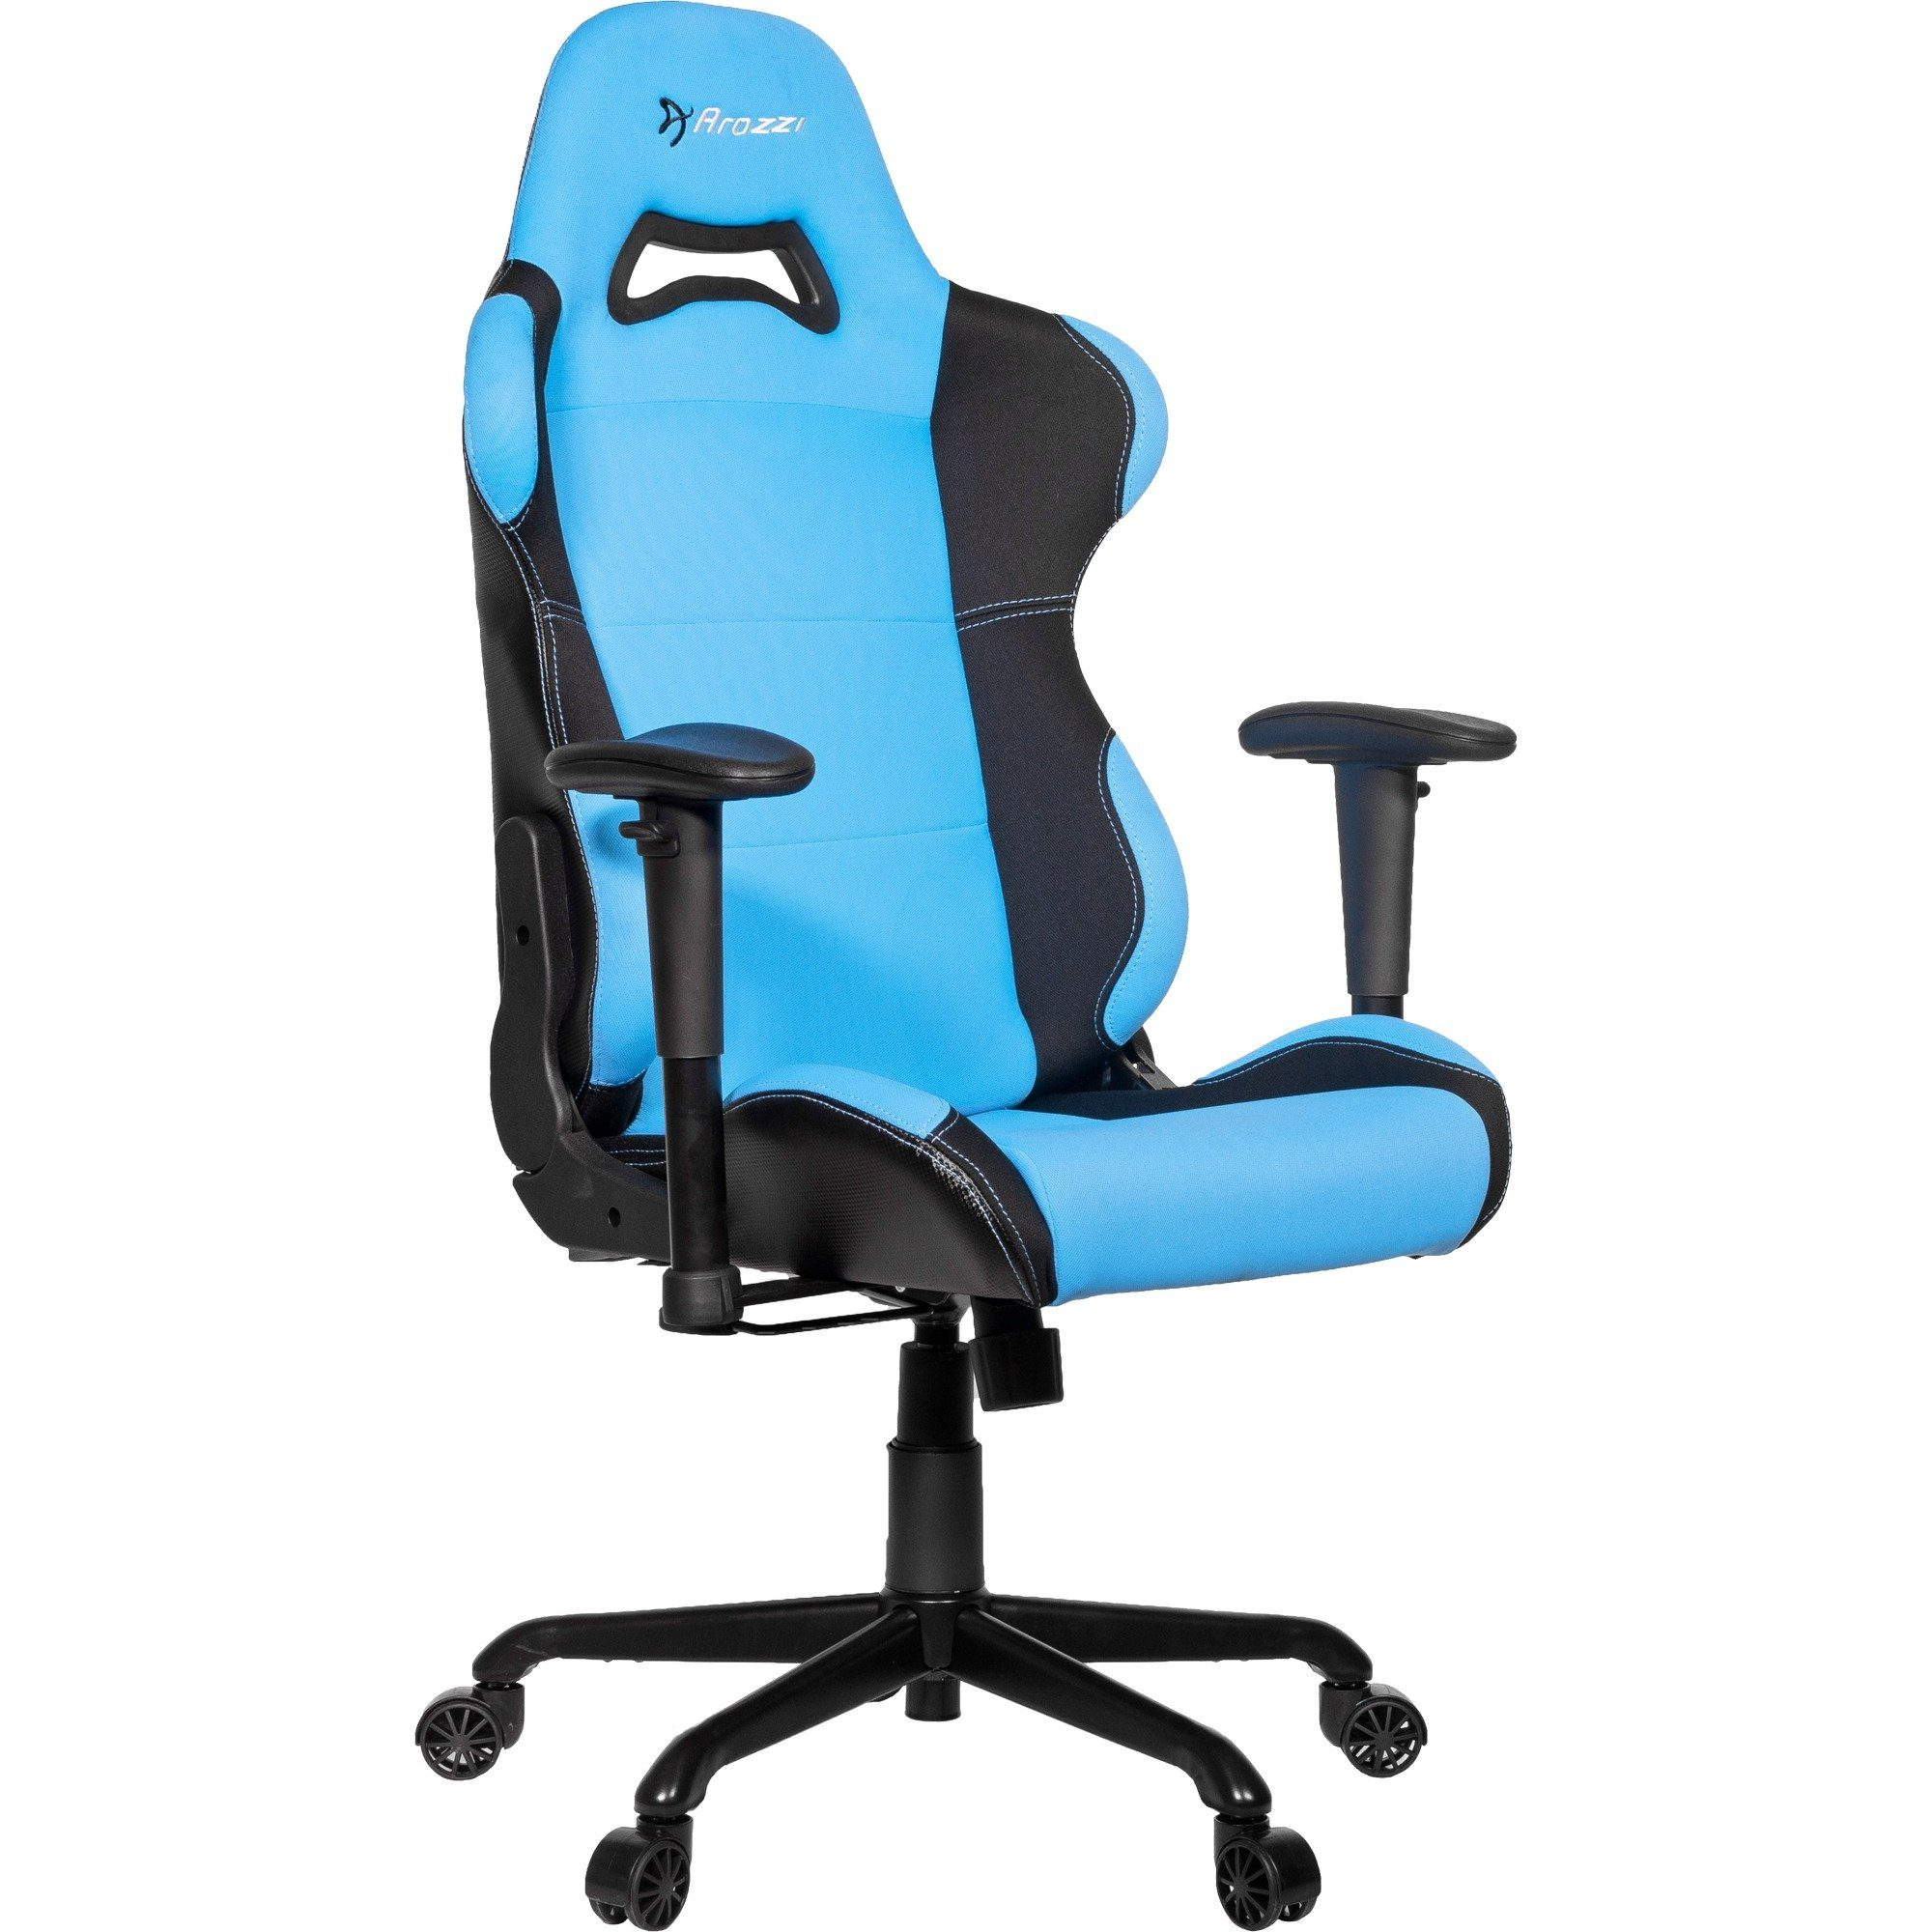 Arozzi Spielsitz »Torretta Gaming Chair Azure«